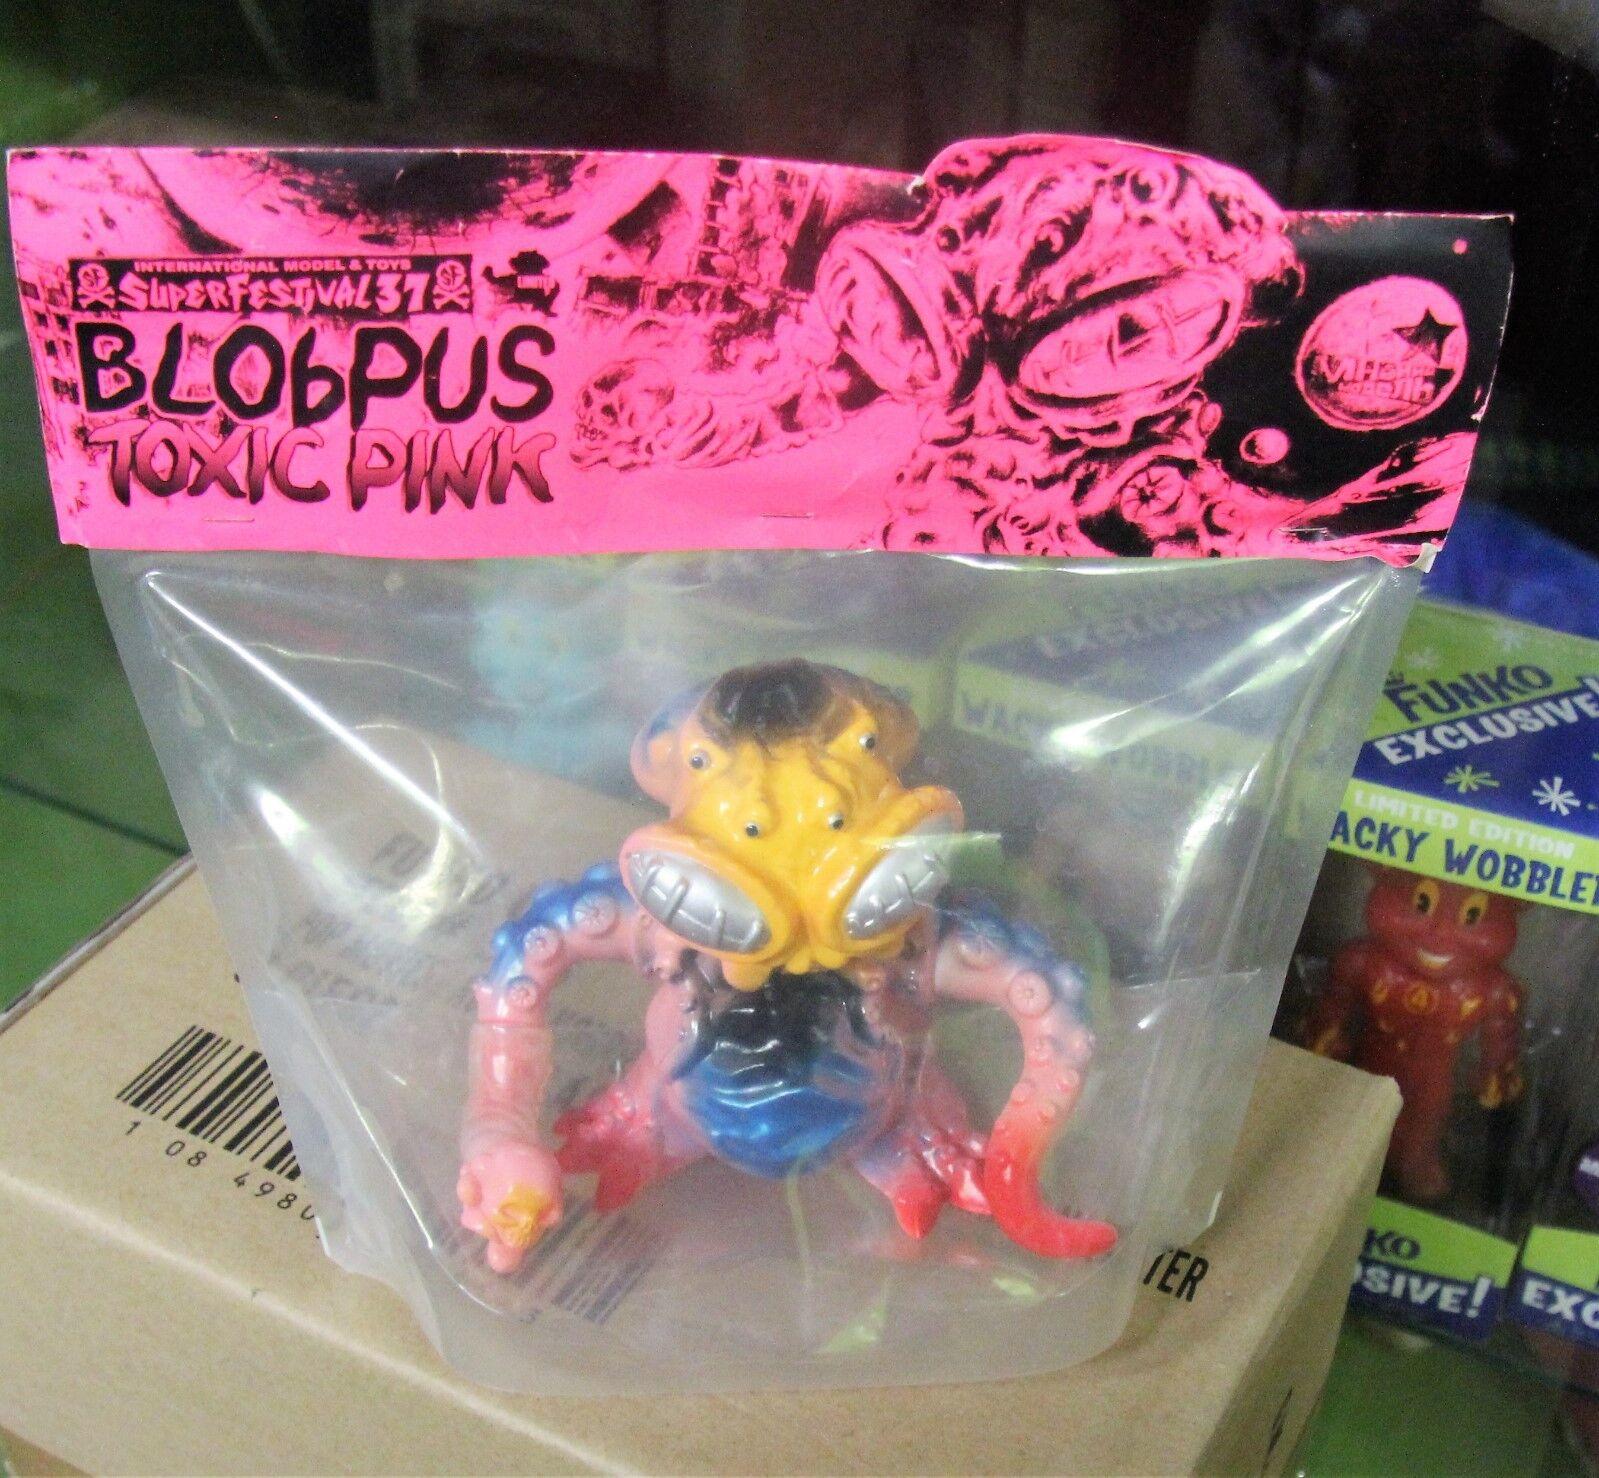 Japan Toy super festival Blobpus Toxic Rosa paint pvc Sofubi Kaiju NIB